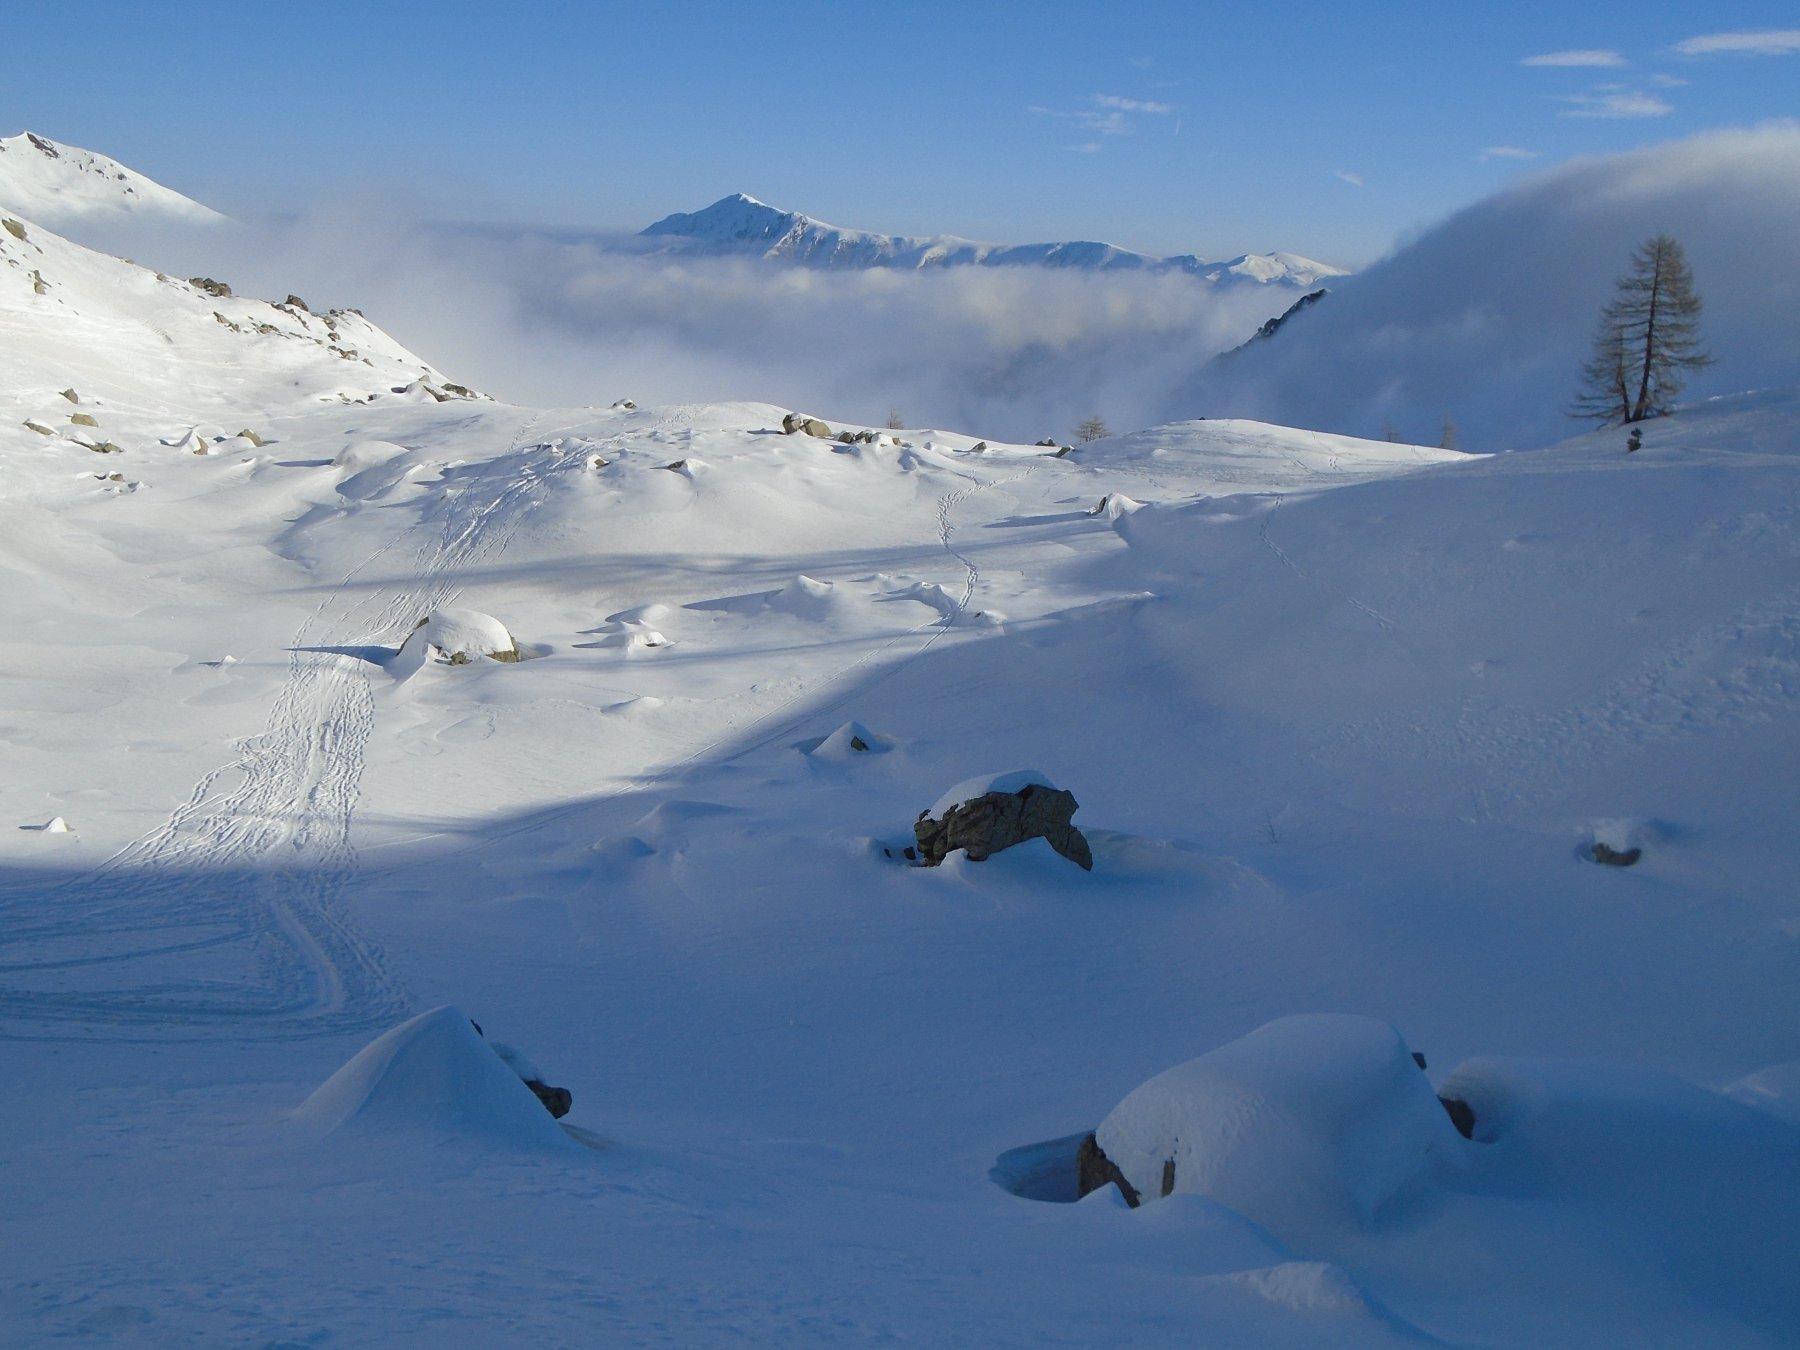 Sguardo indietro: secondo ripiano e conca successiva oltre la nebbia